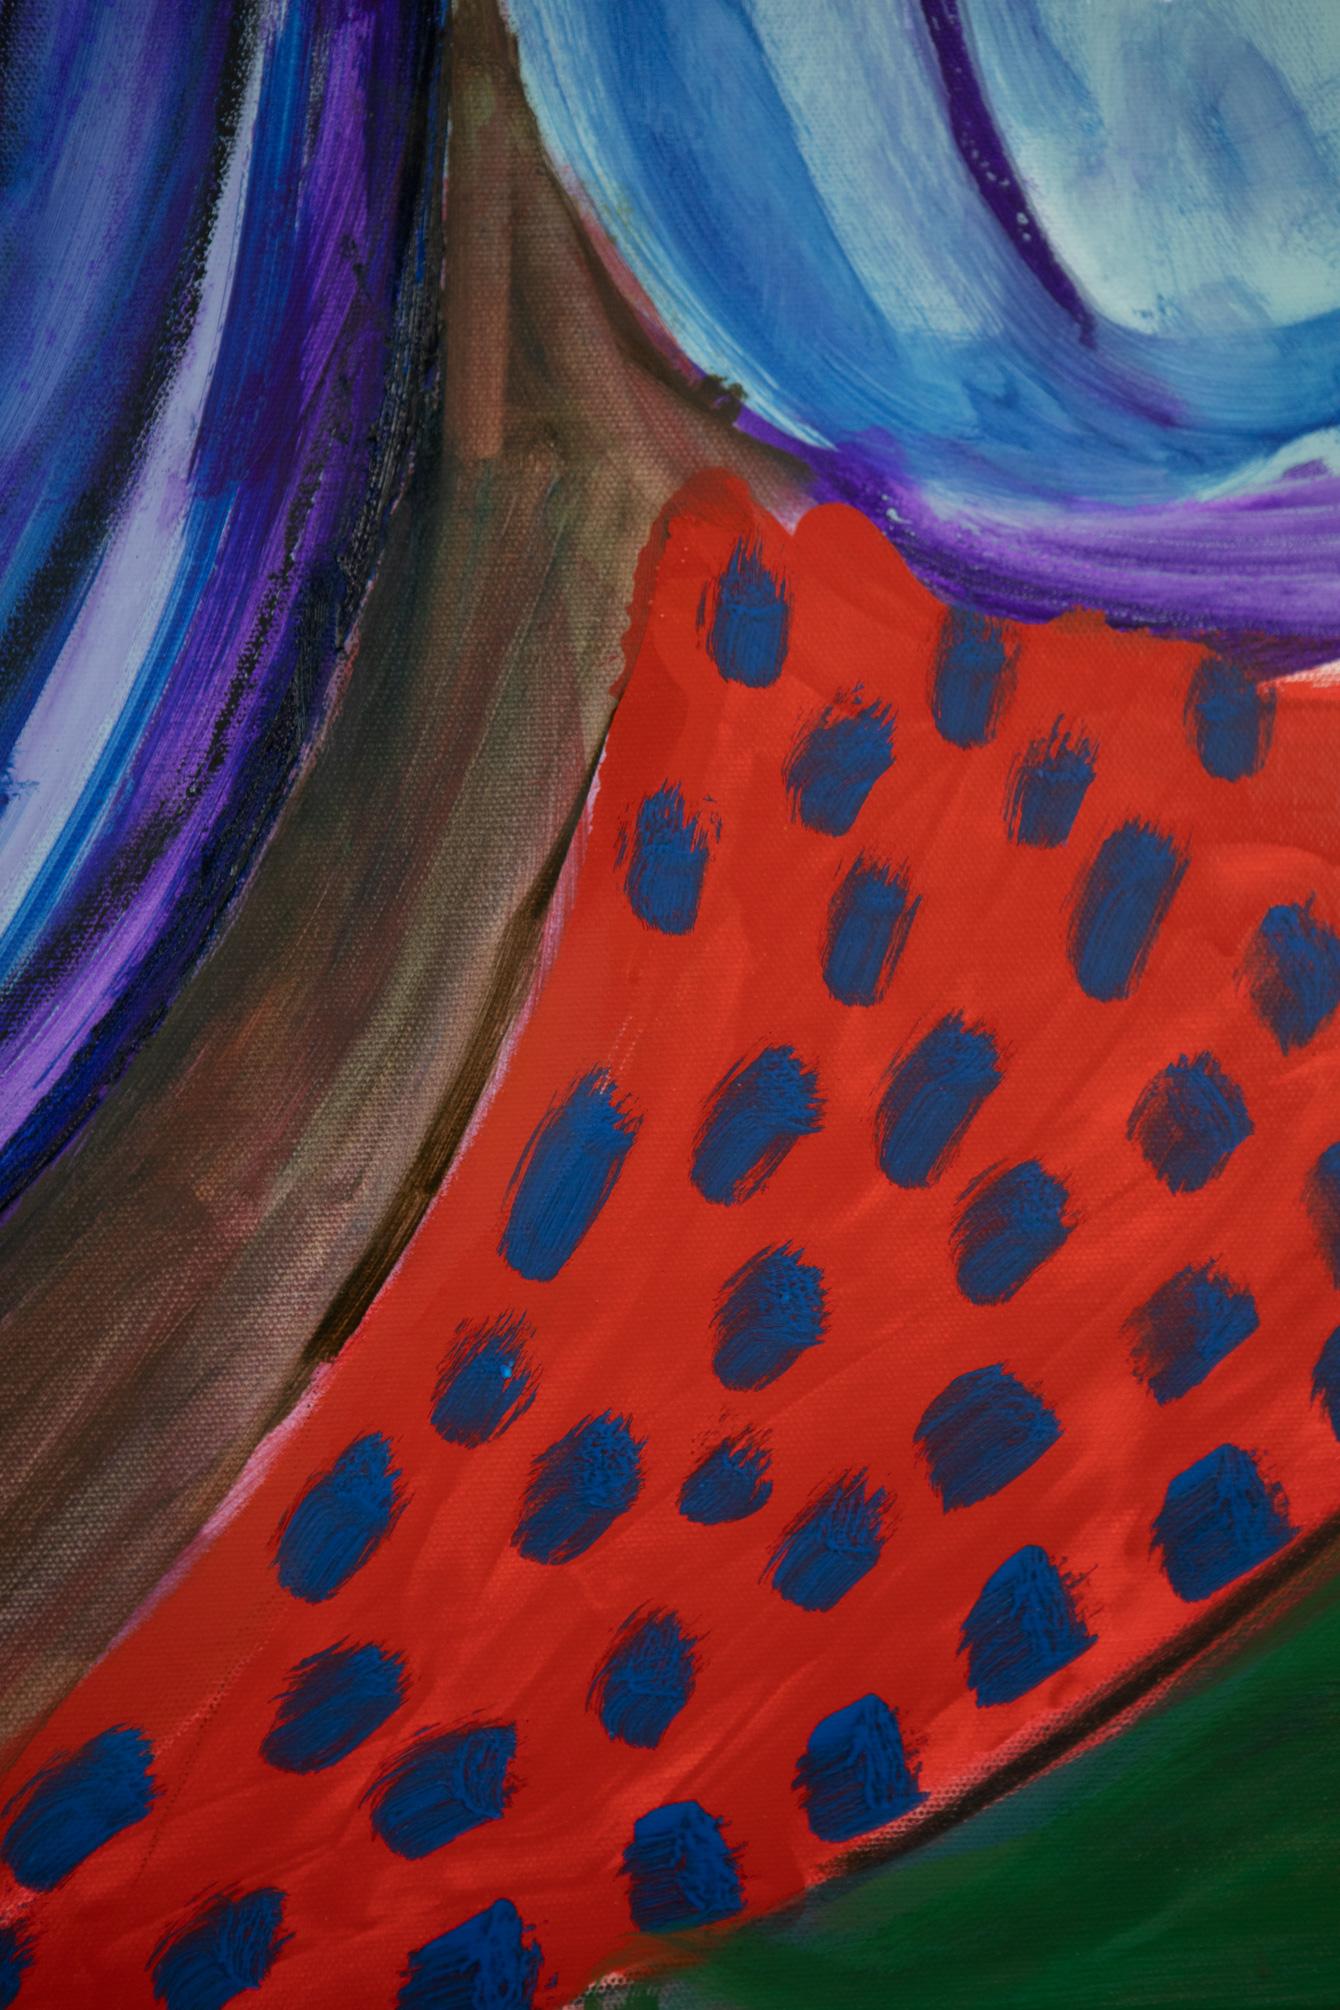 paint-james-watkins-2